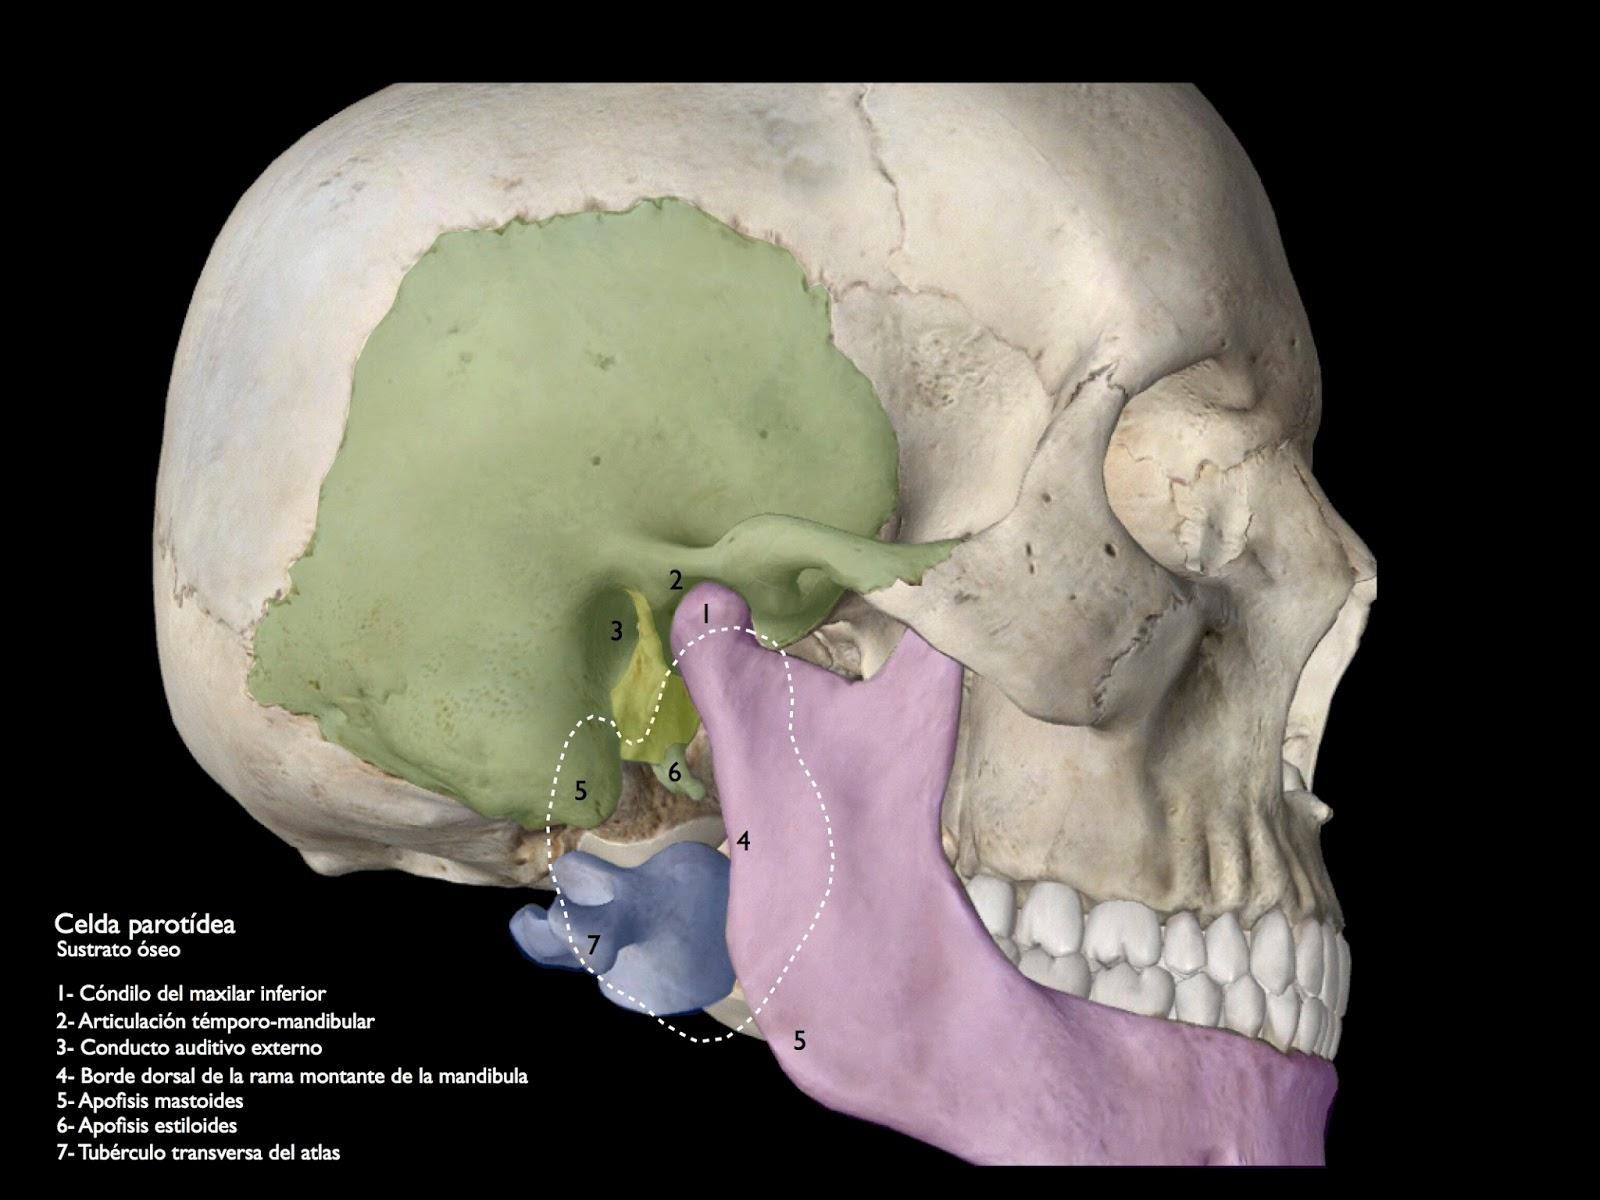 Cuadernos de Anatomía Quirúrgica: Celda parotidea y espacio ...